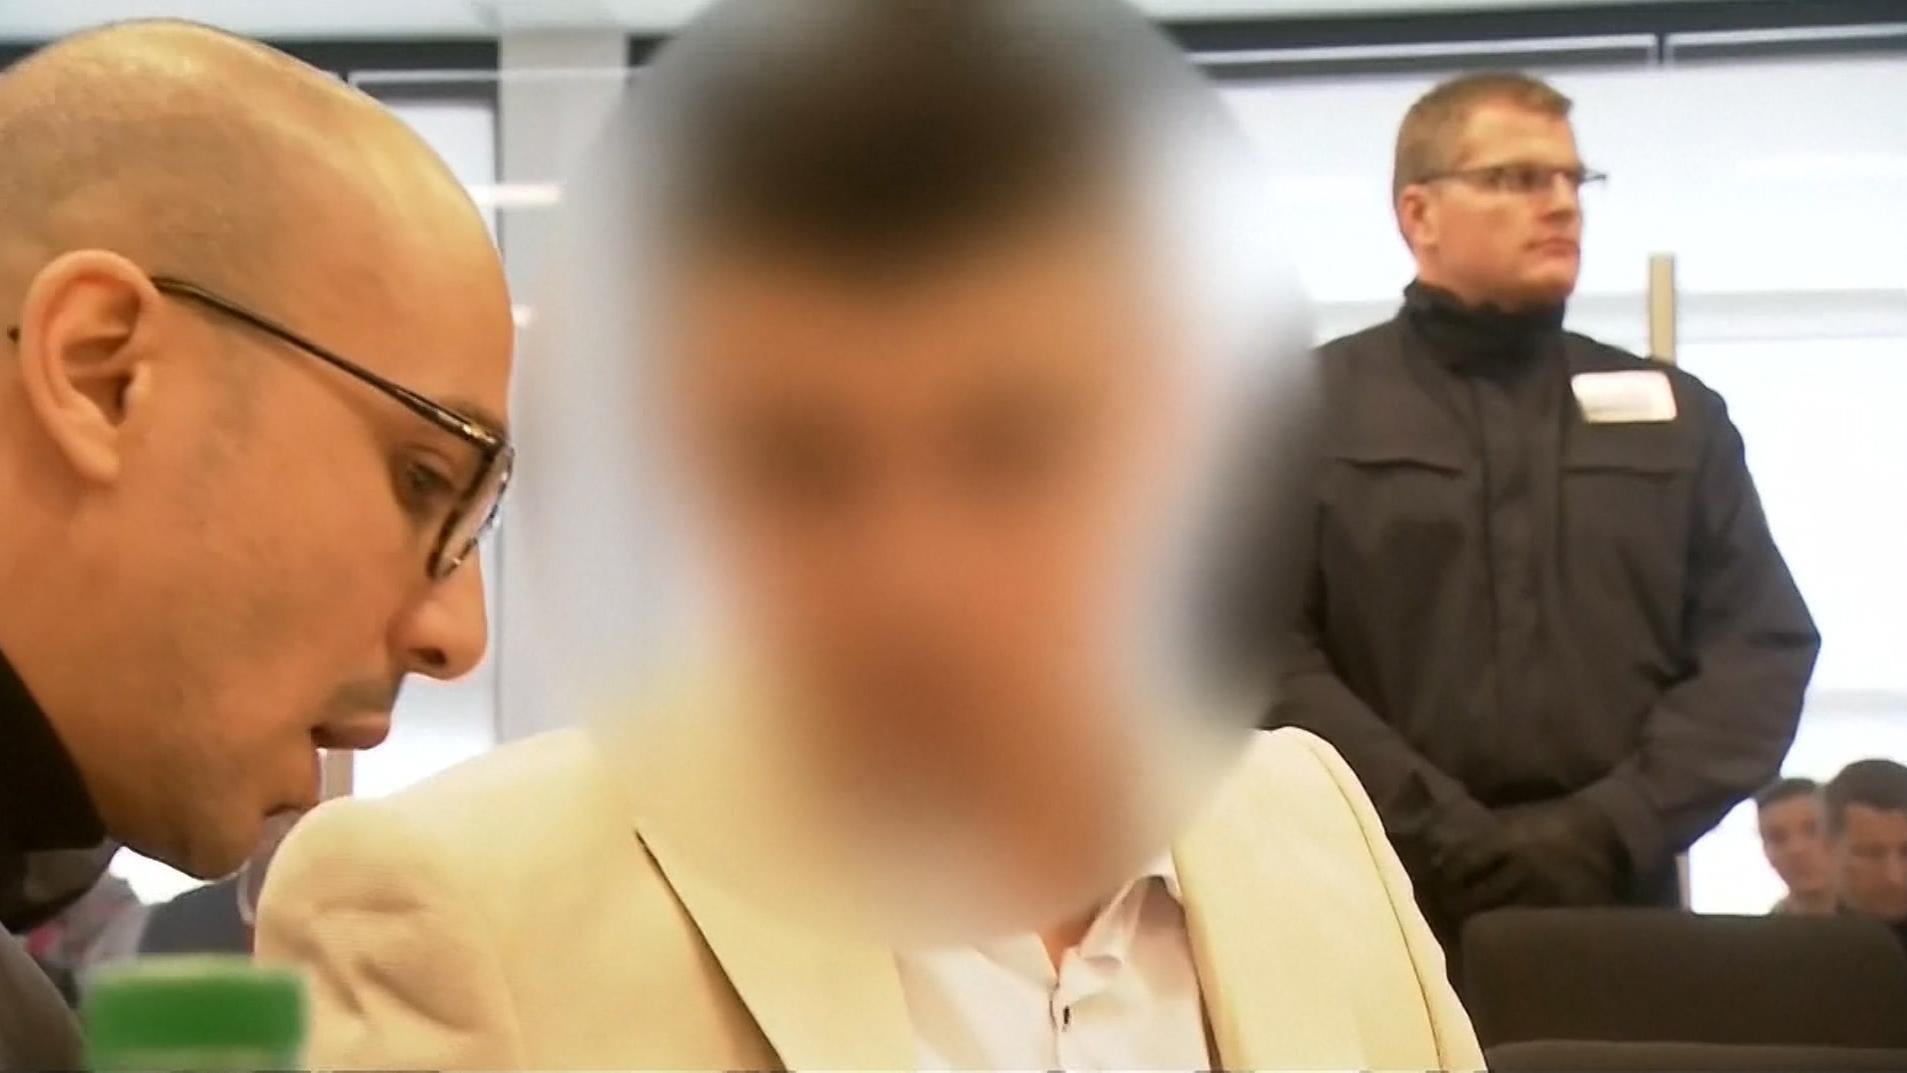 Knapp sieben Monate nach der tödlichen Messerattacke auf einen Deutsch-Kubaner in Chemnitz hat der Prozess begonnen.